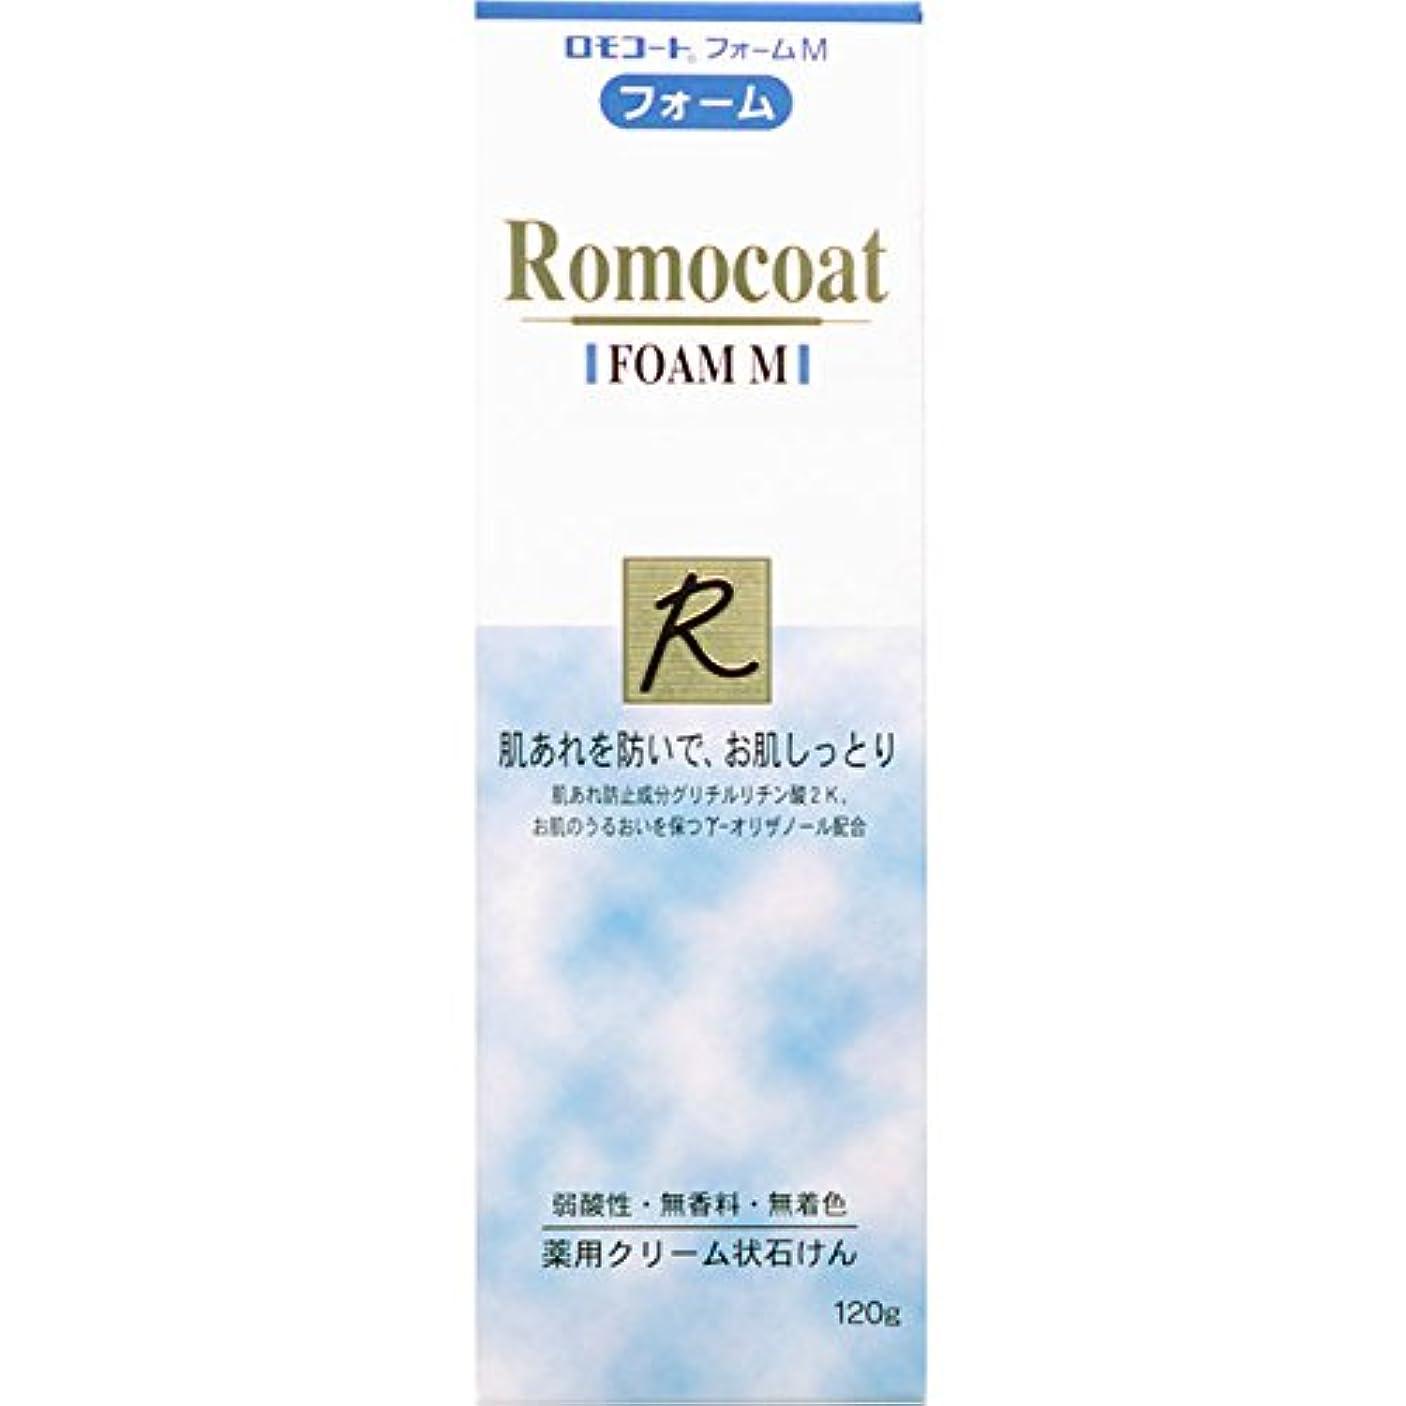 蒸気気分海港ロモコートフォームM 120g【医薬部外品】